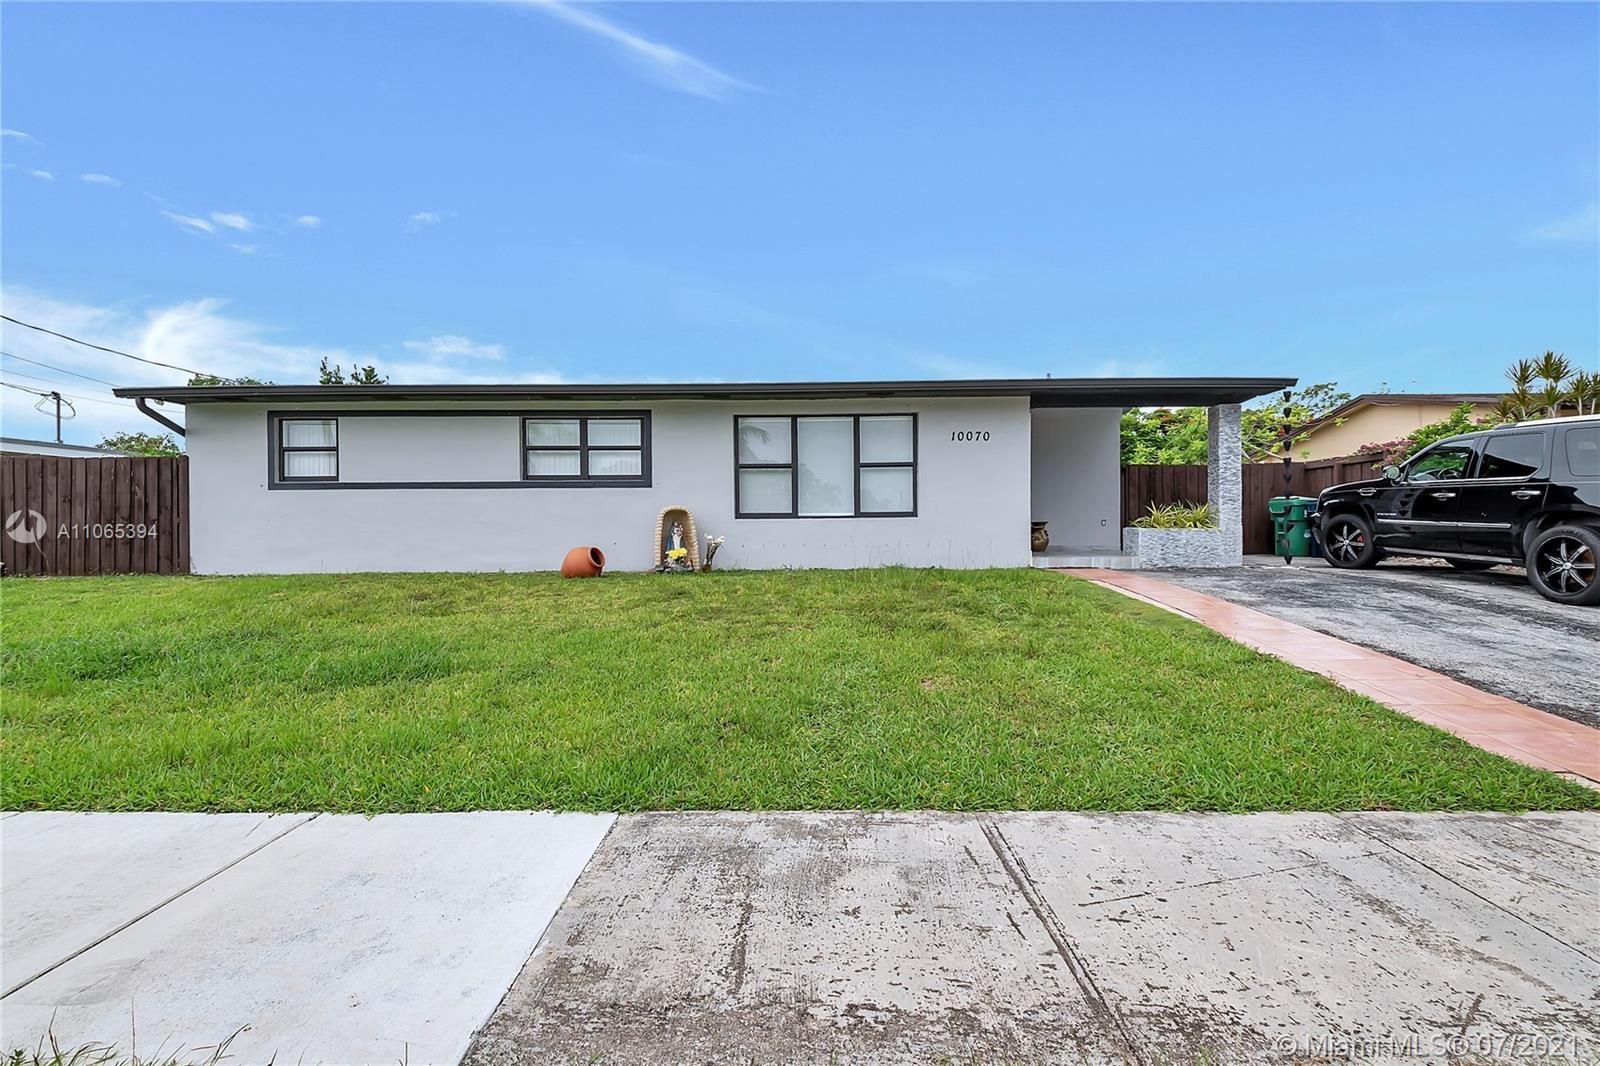 10070 SW 215th St, Cutler Bay, FL 33189 - #: A11065394